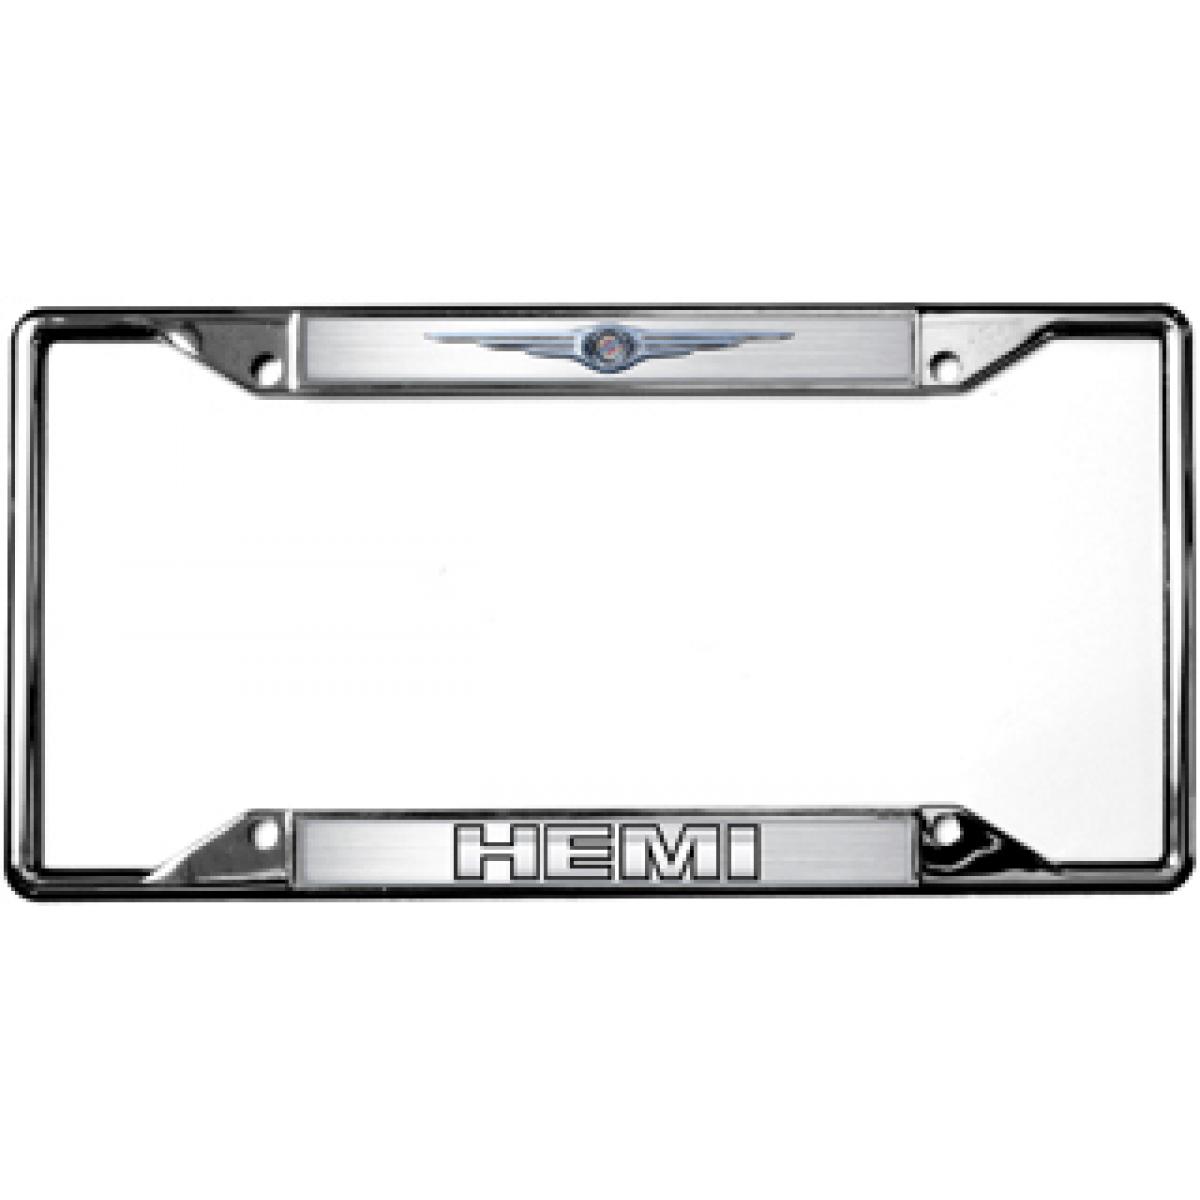 Fsu License Plate Frame